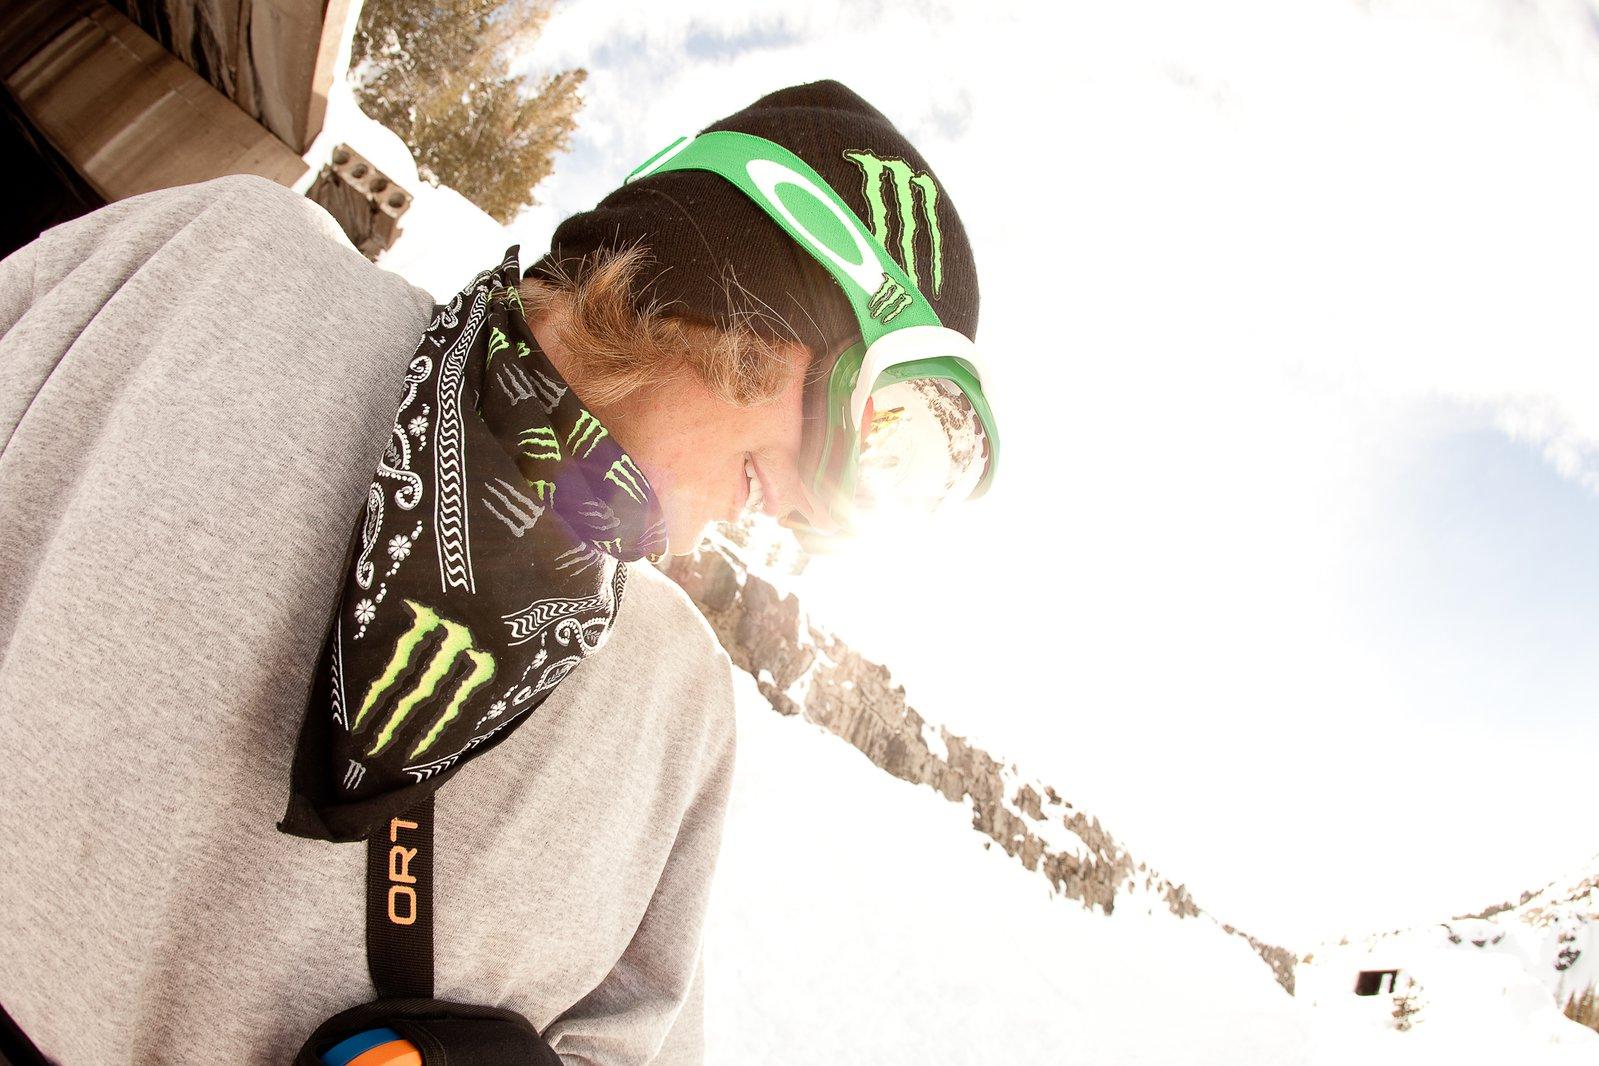 Scott Nikkel